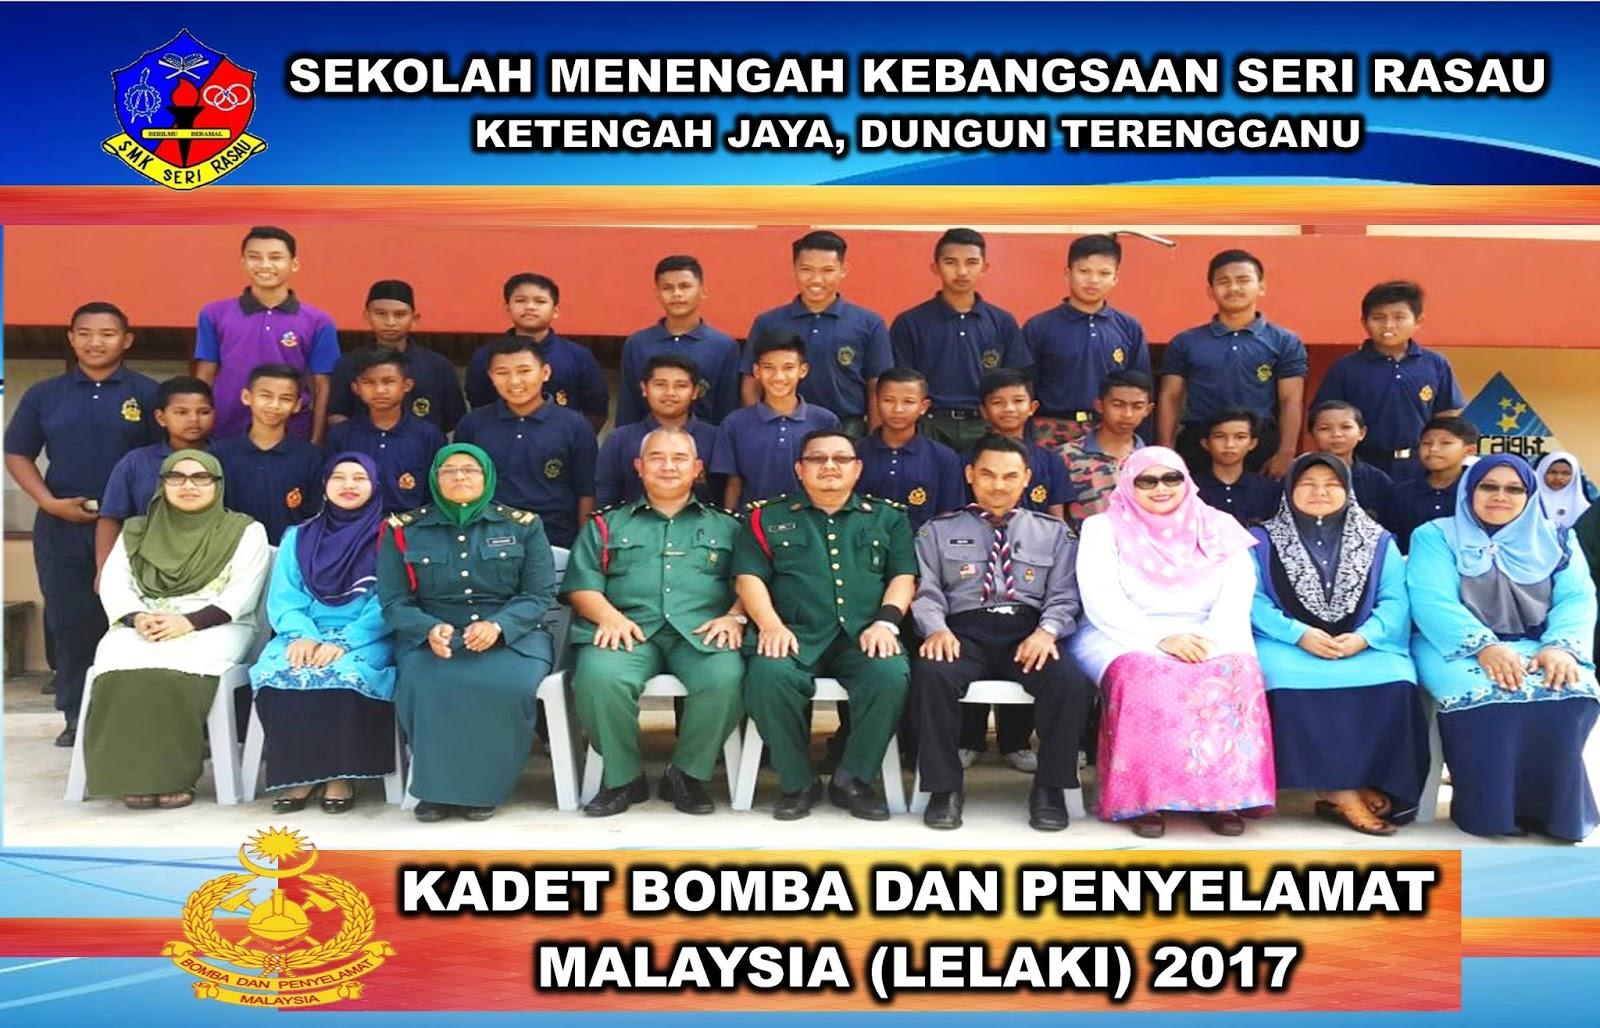 Smk Seri Rasau Jawatankuasa Badan Beruniform Sekolah 2017